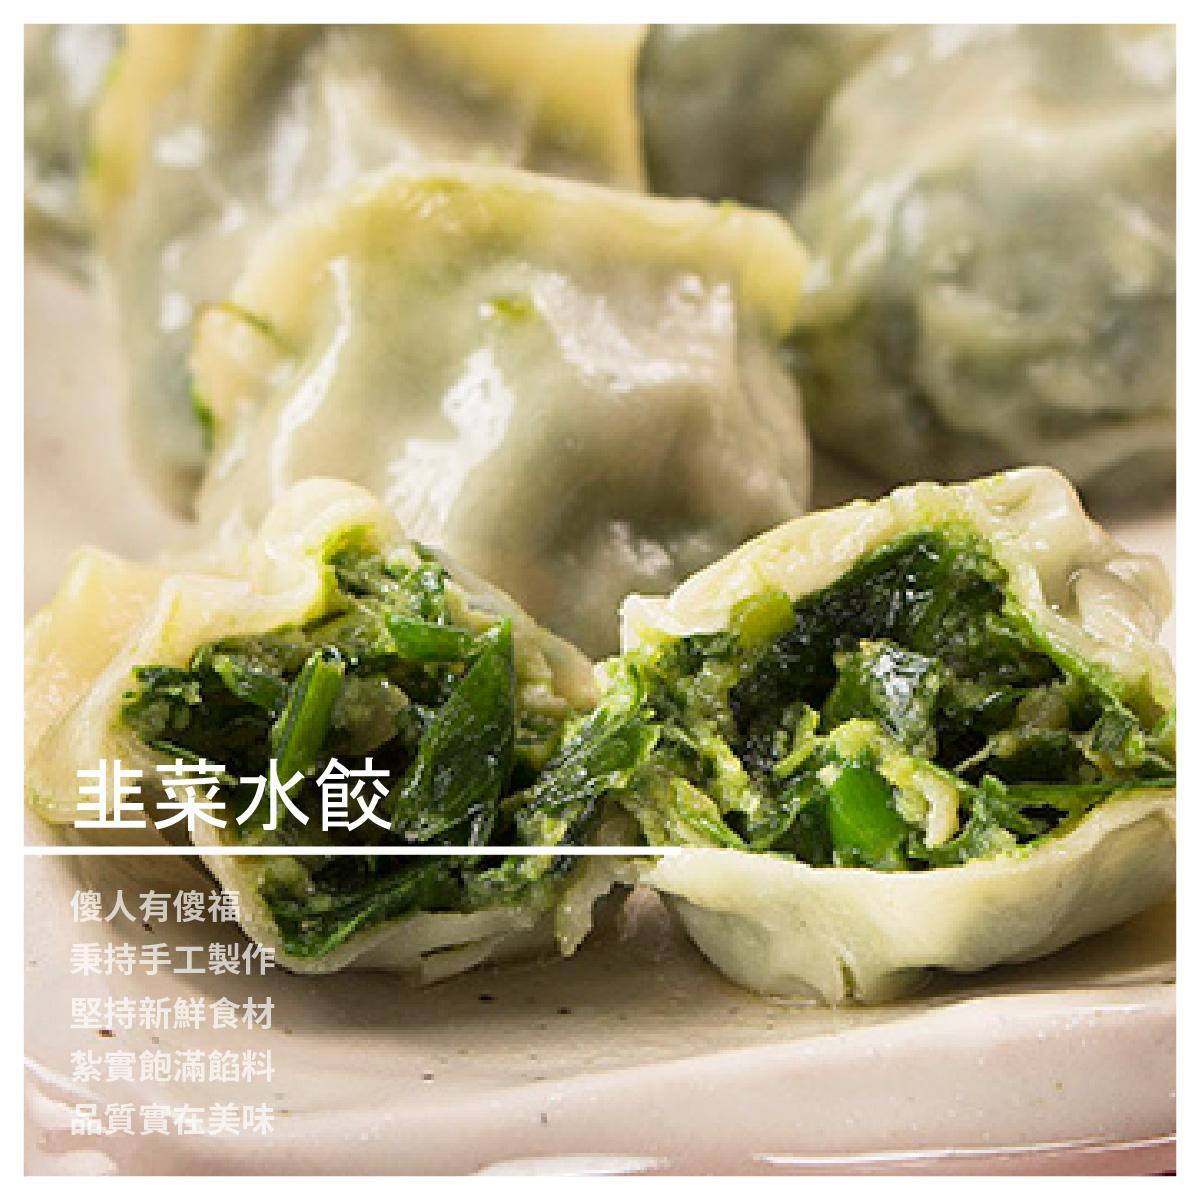 【傻水餃】韭菜水餃/50顆裝/包